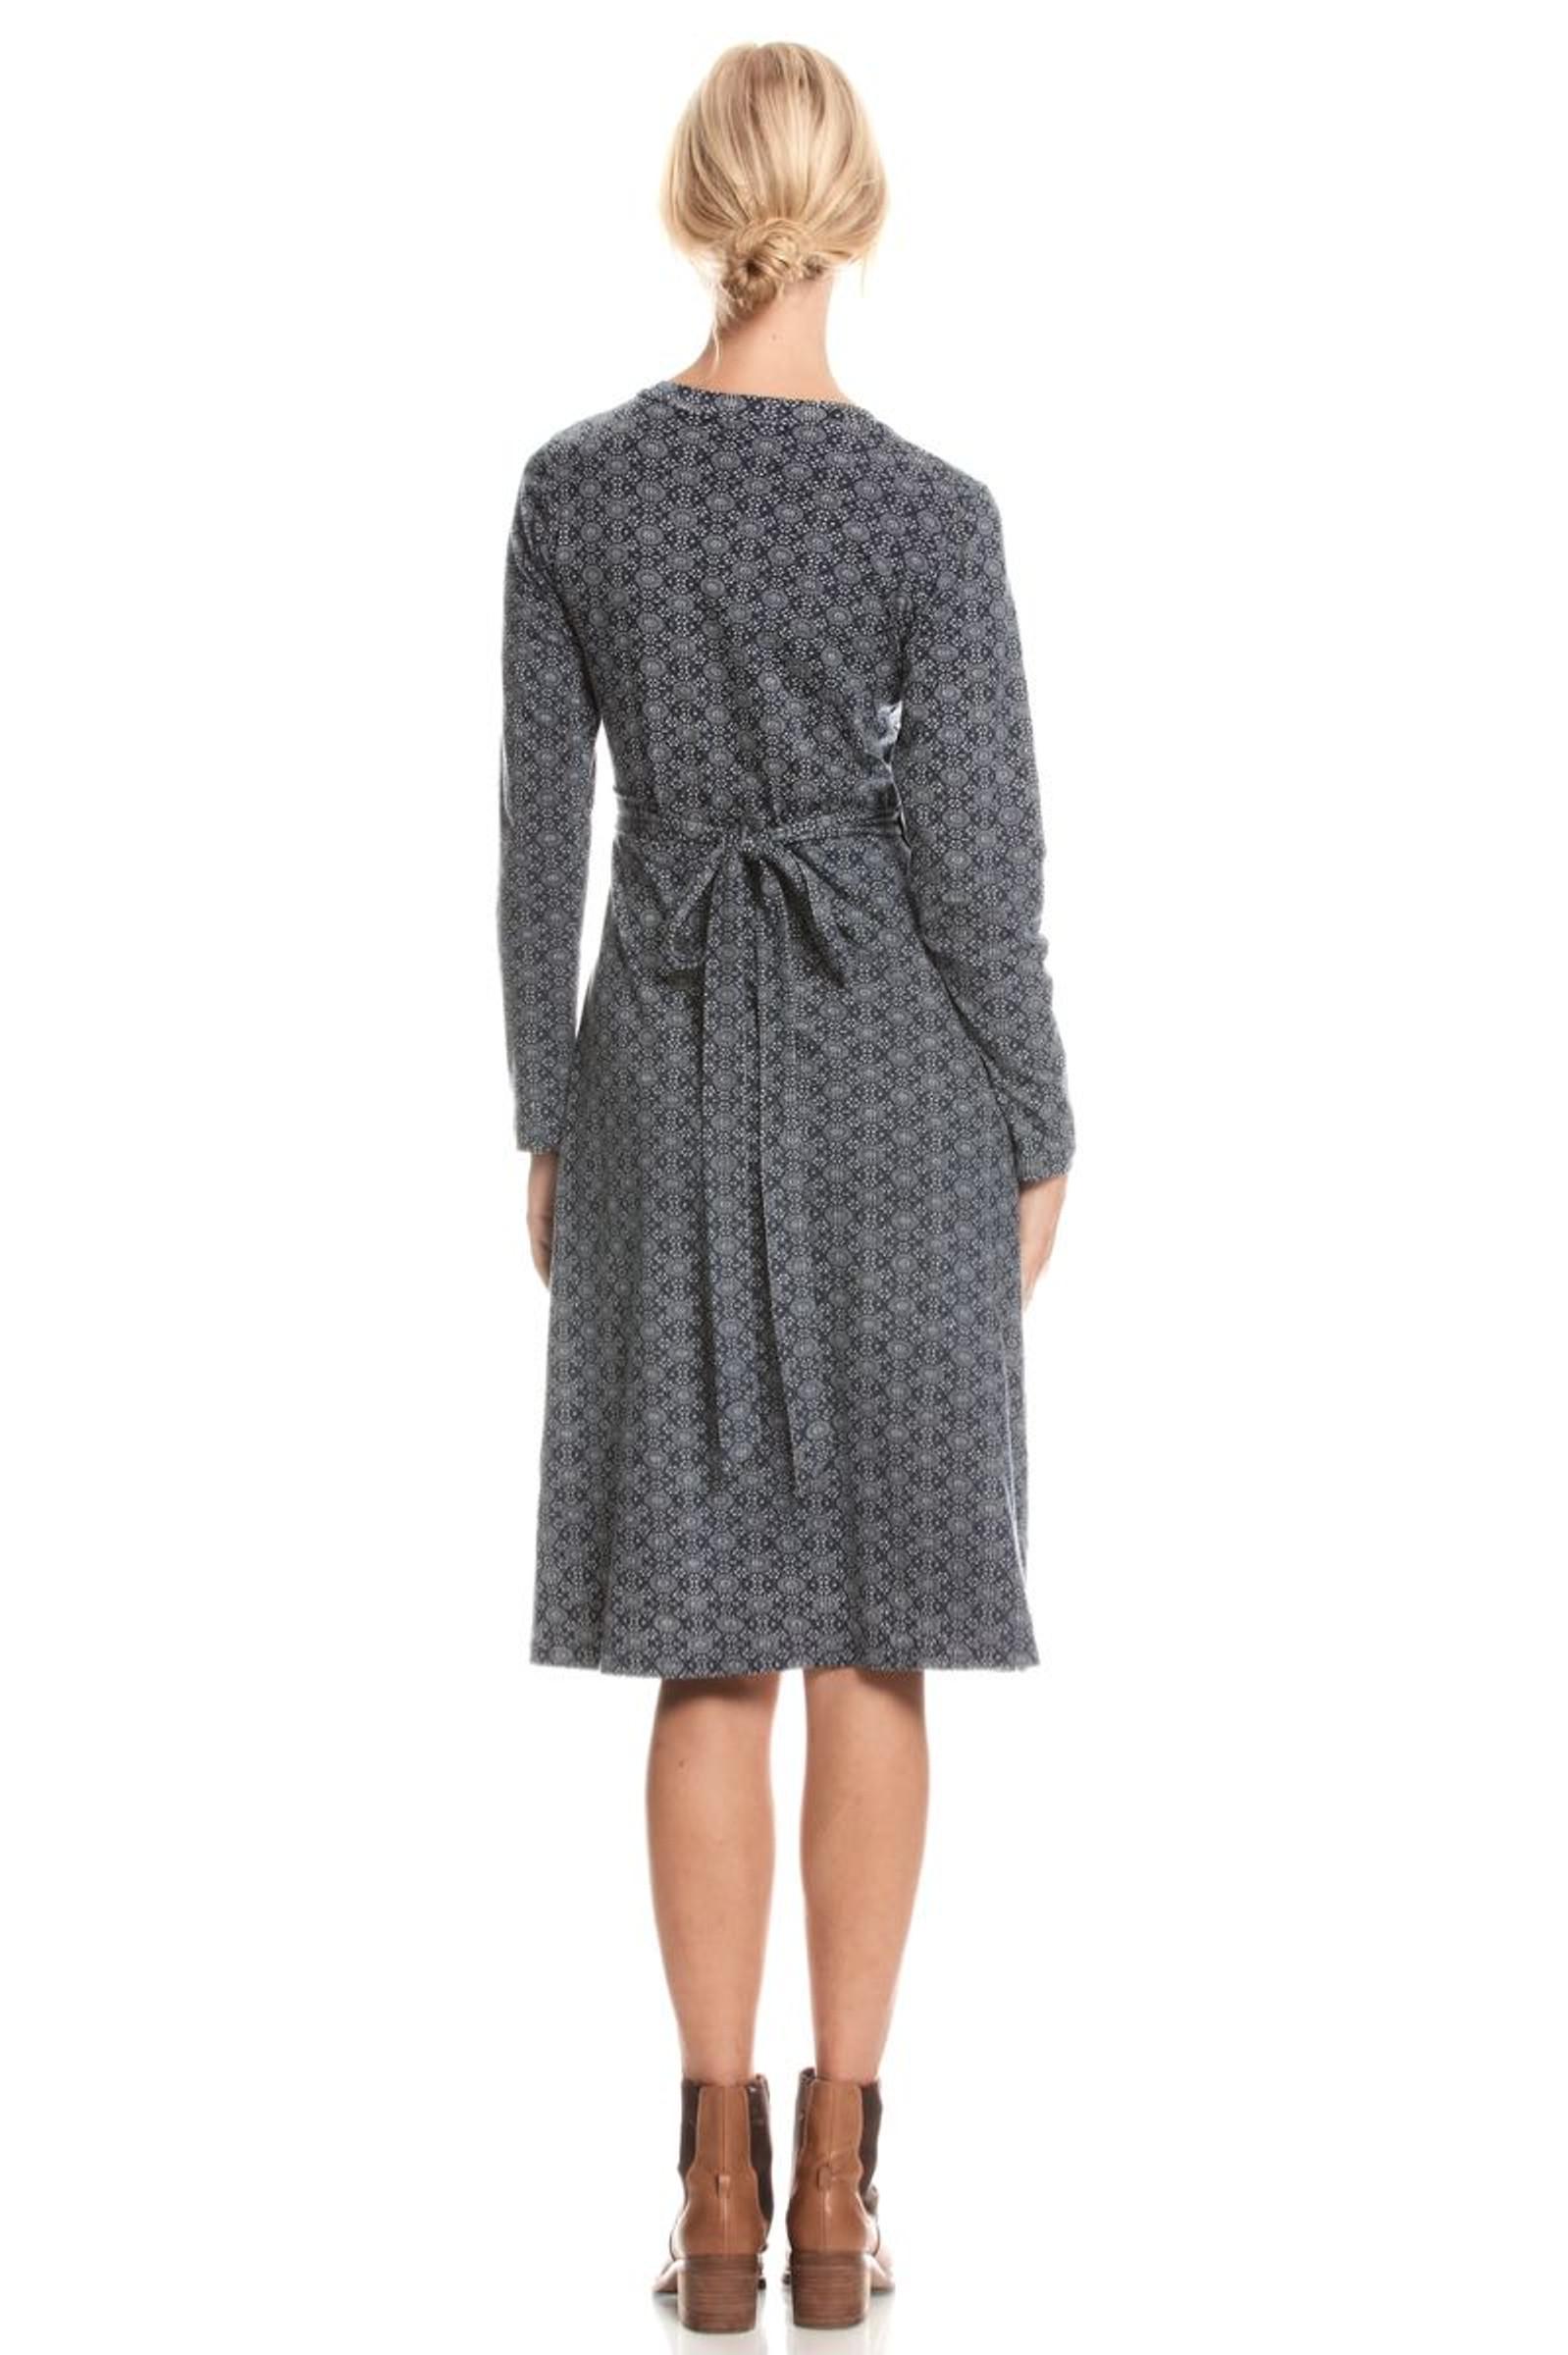 Audrey Wrap Dress - Nova